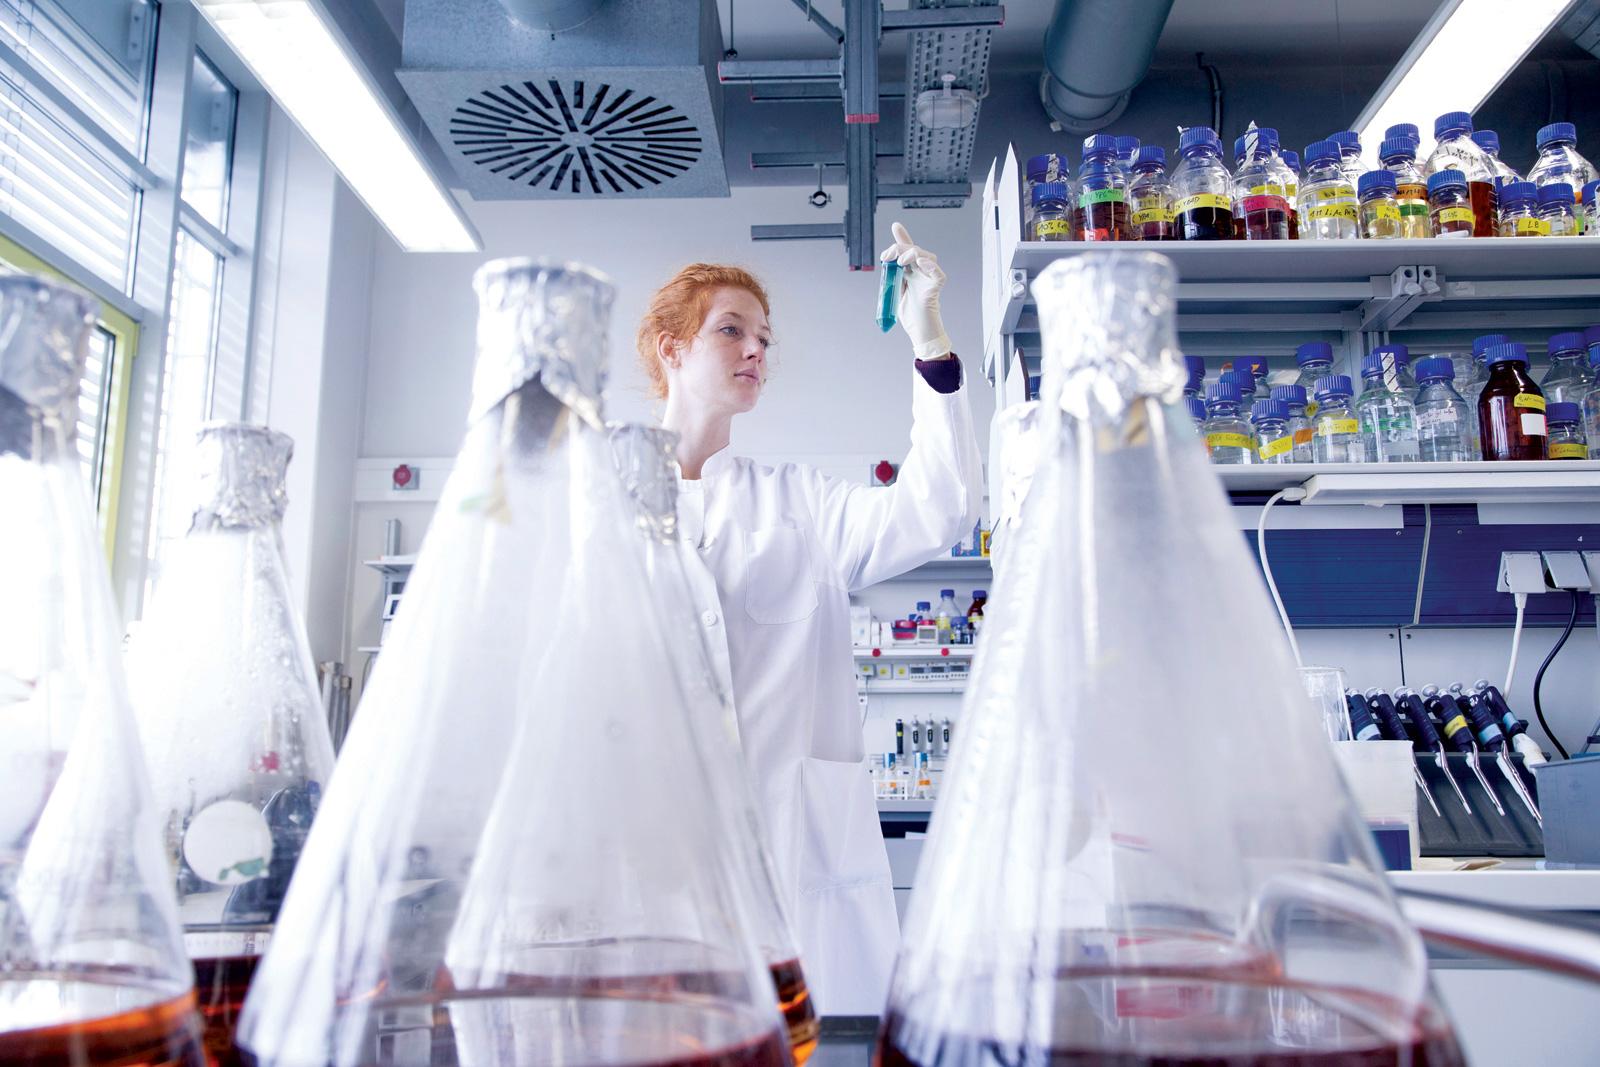 female-scientist